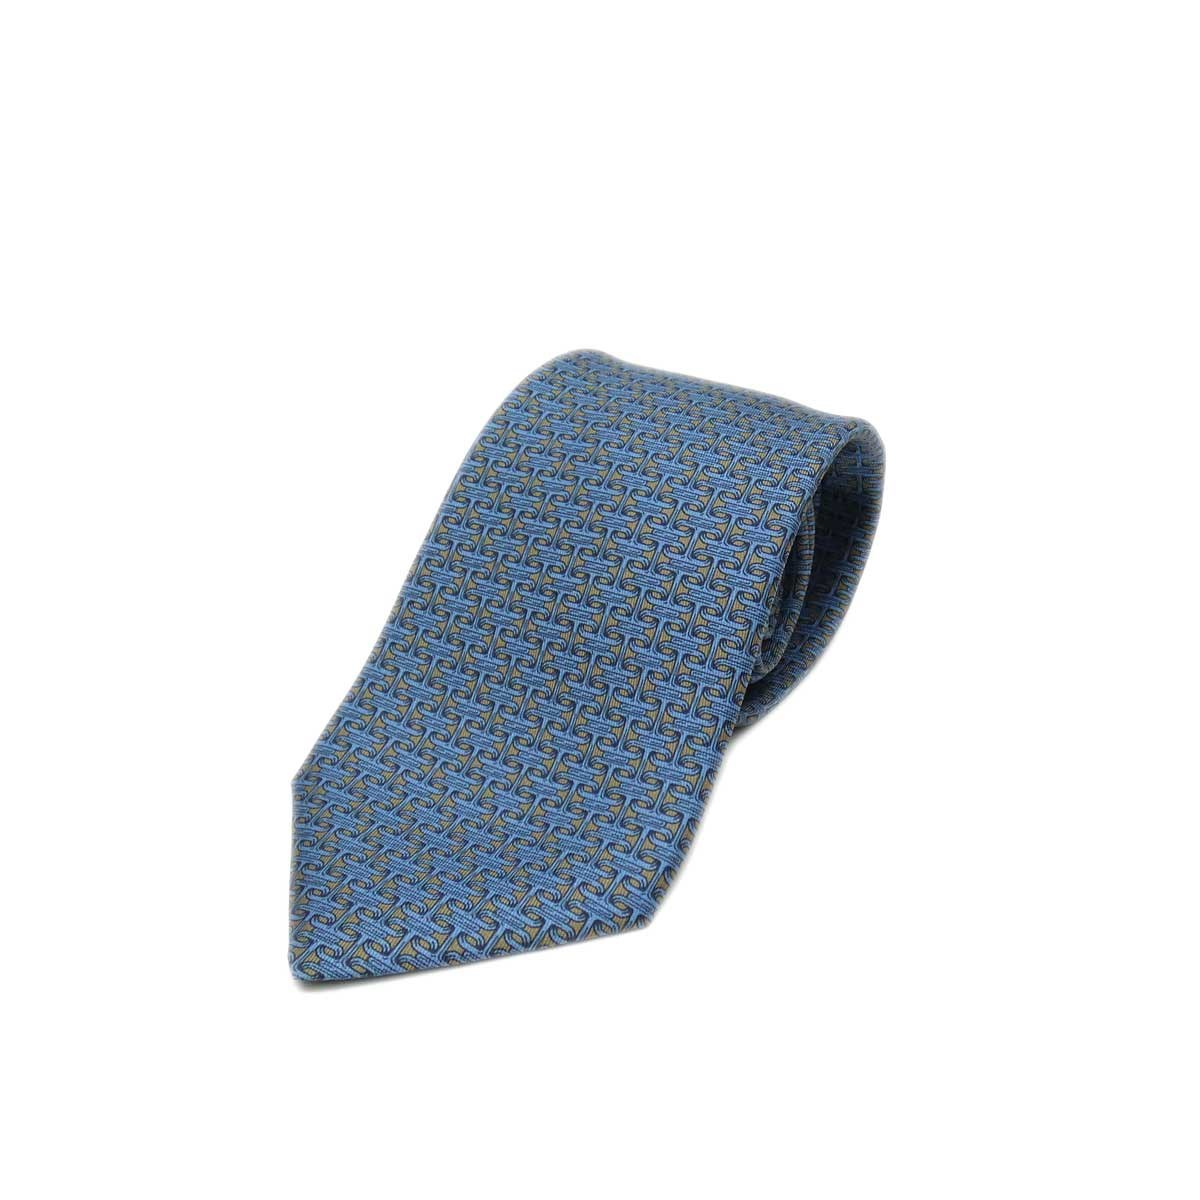 【中古】HERMES シルクネクタイ CRAVATE TWILL 9 5557 MA ブルー サイズ:- 【270420】(エルメス)